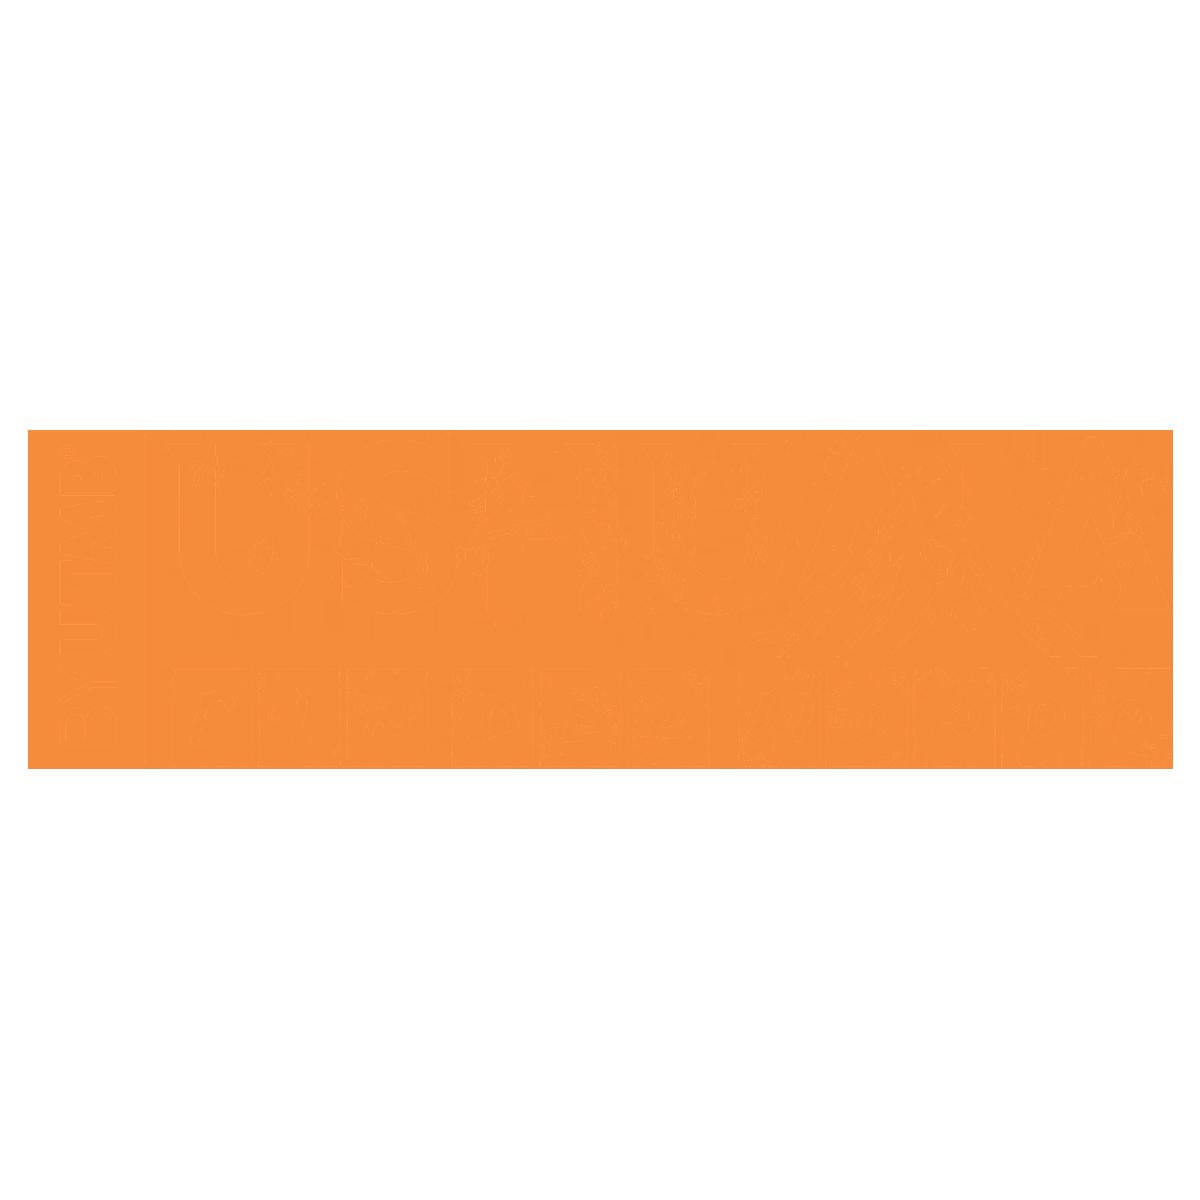 Ushuaia by UTMB 2019